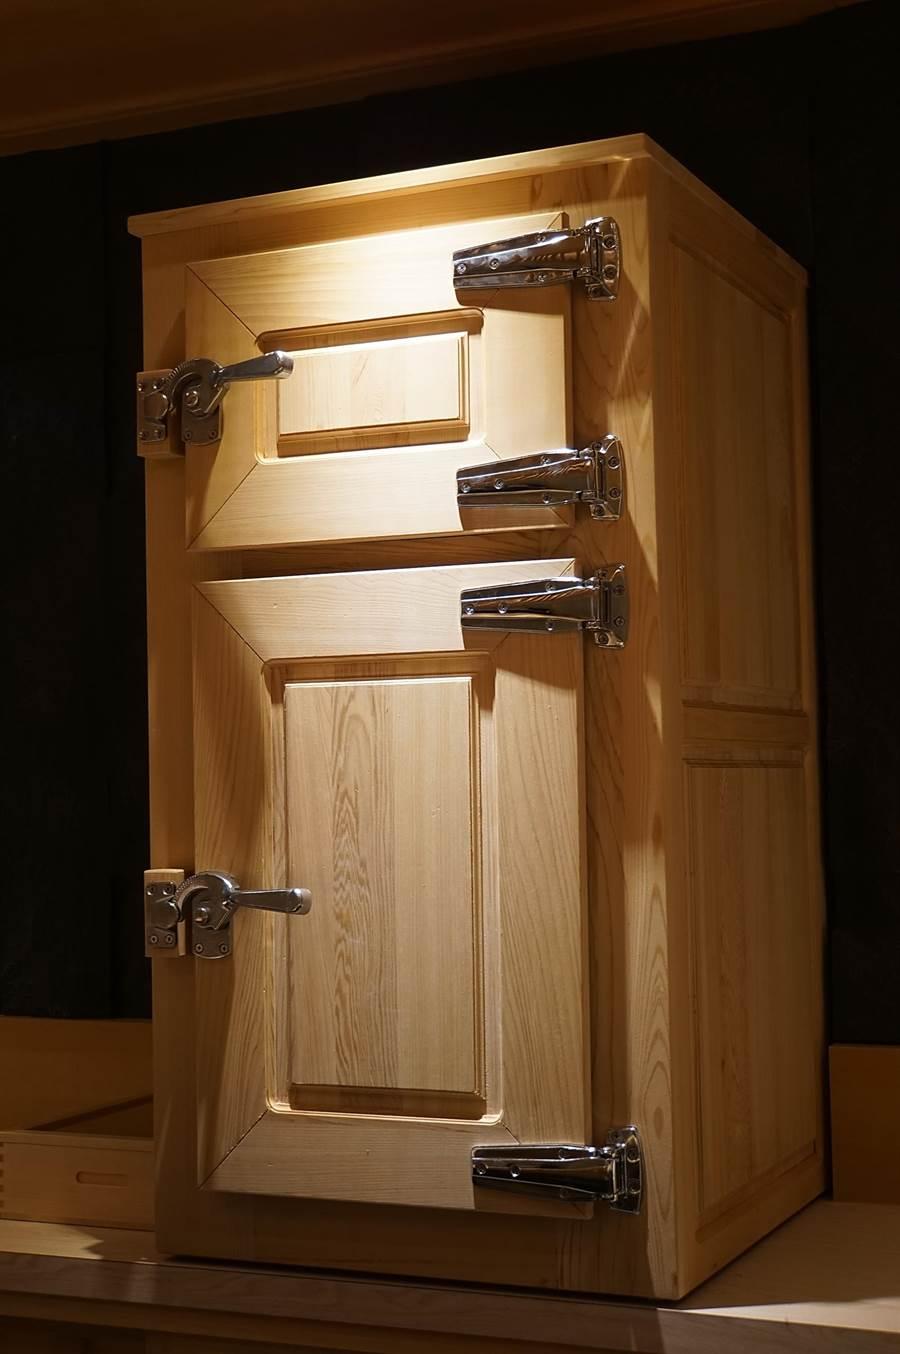 〈初魚料亭.晶華〉的廚師作業區設有檜木製、不插電的熟成冰箱,不同的海鮮會經不同天數熟成增益風味。(圖/姚舜)